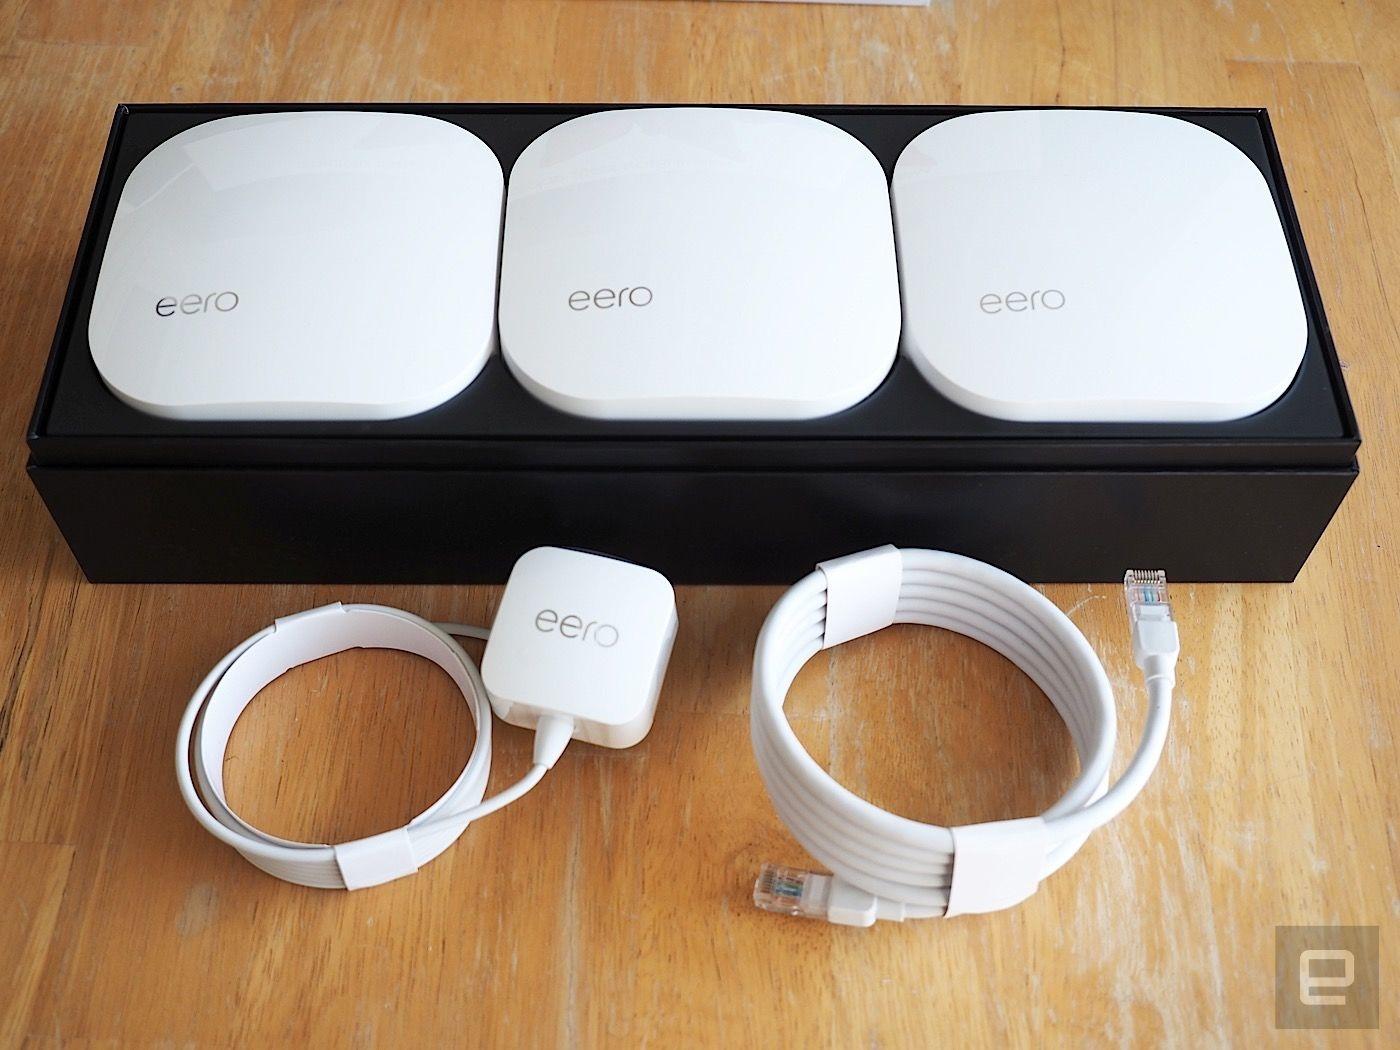 不同品牌的 Mesh Wi-Fi 產品將可以互相合作